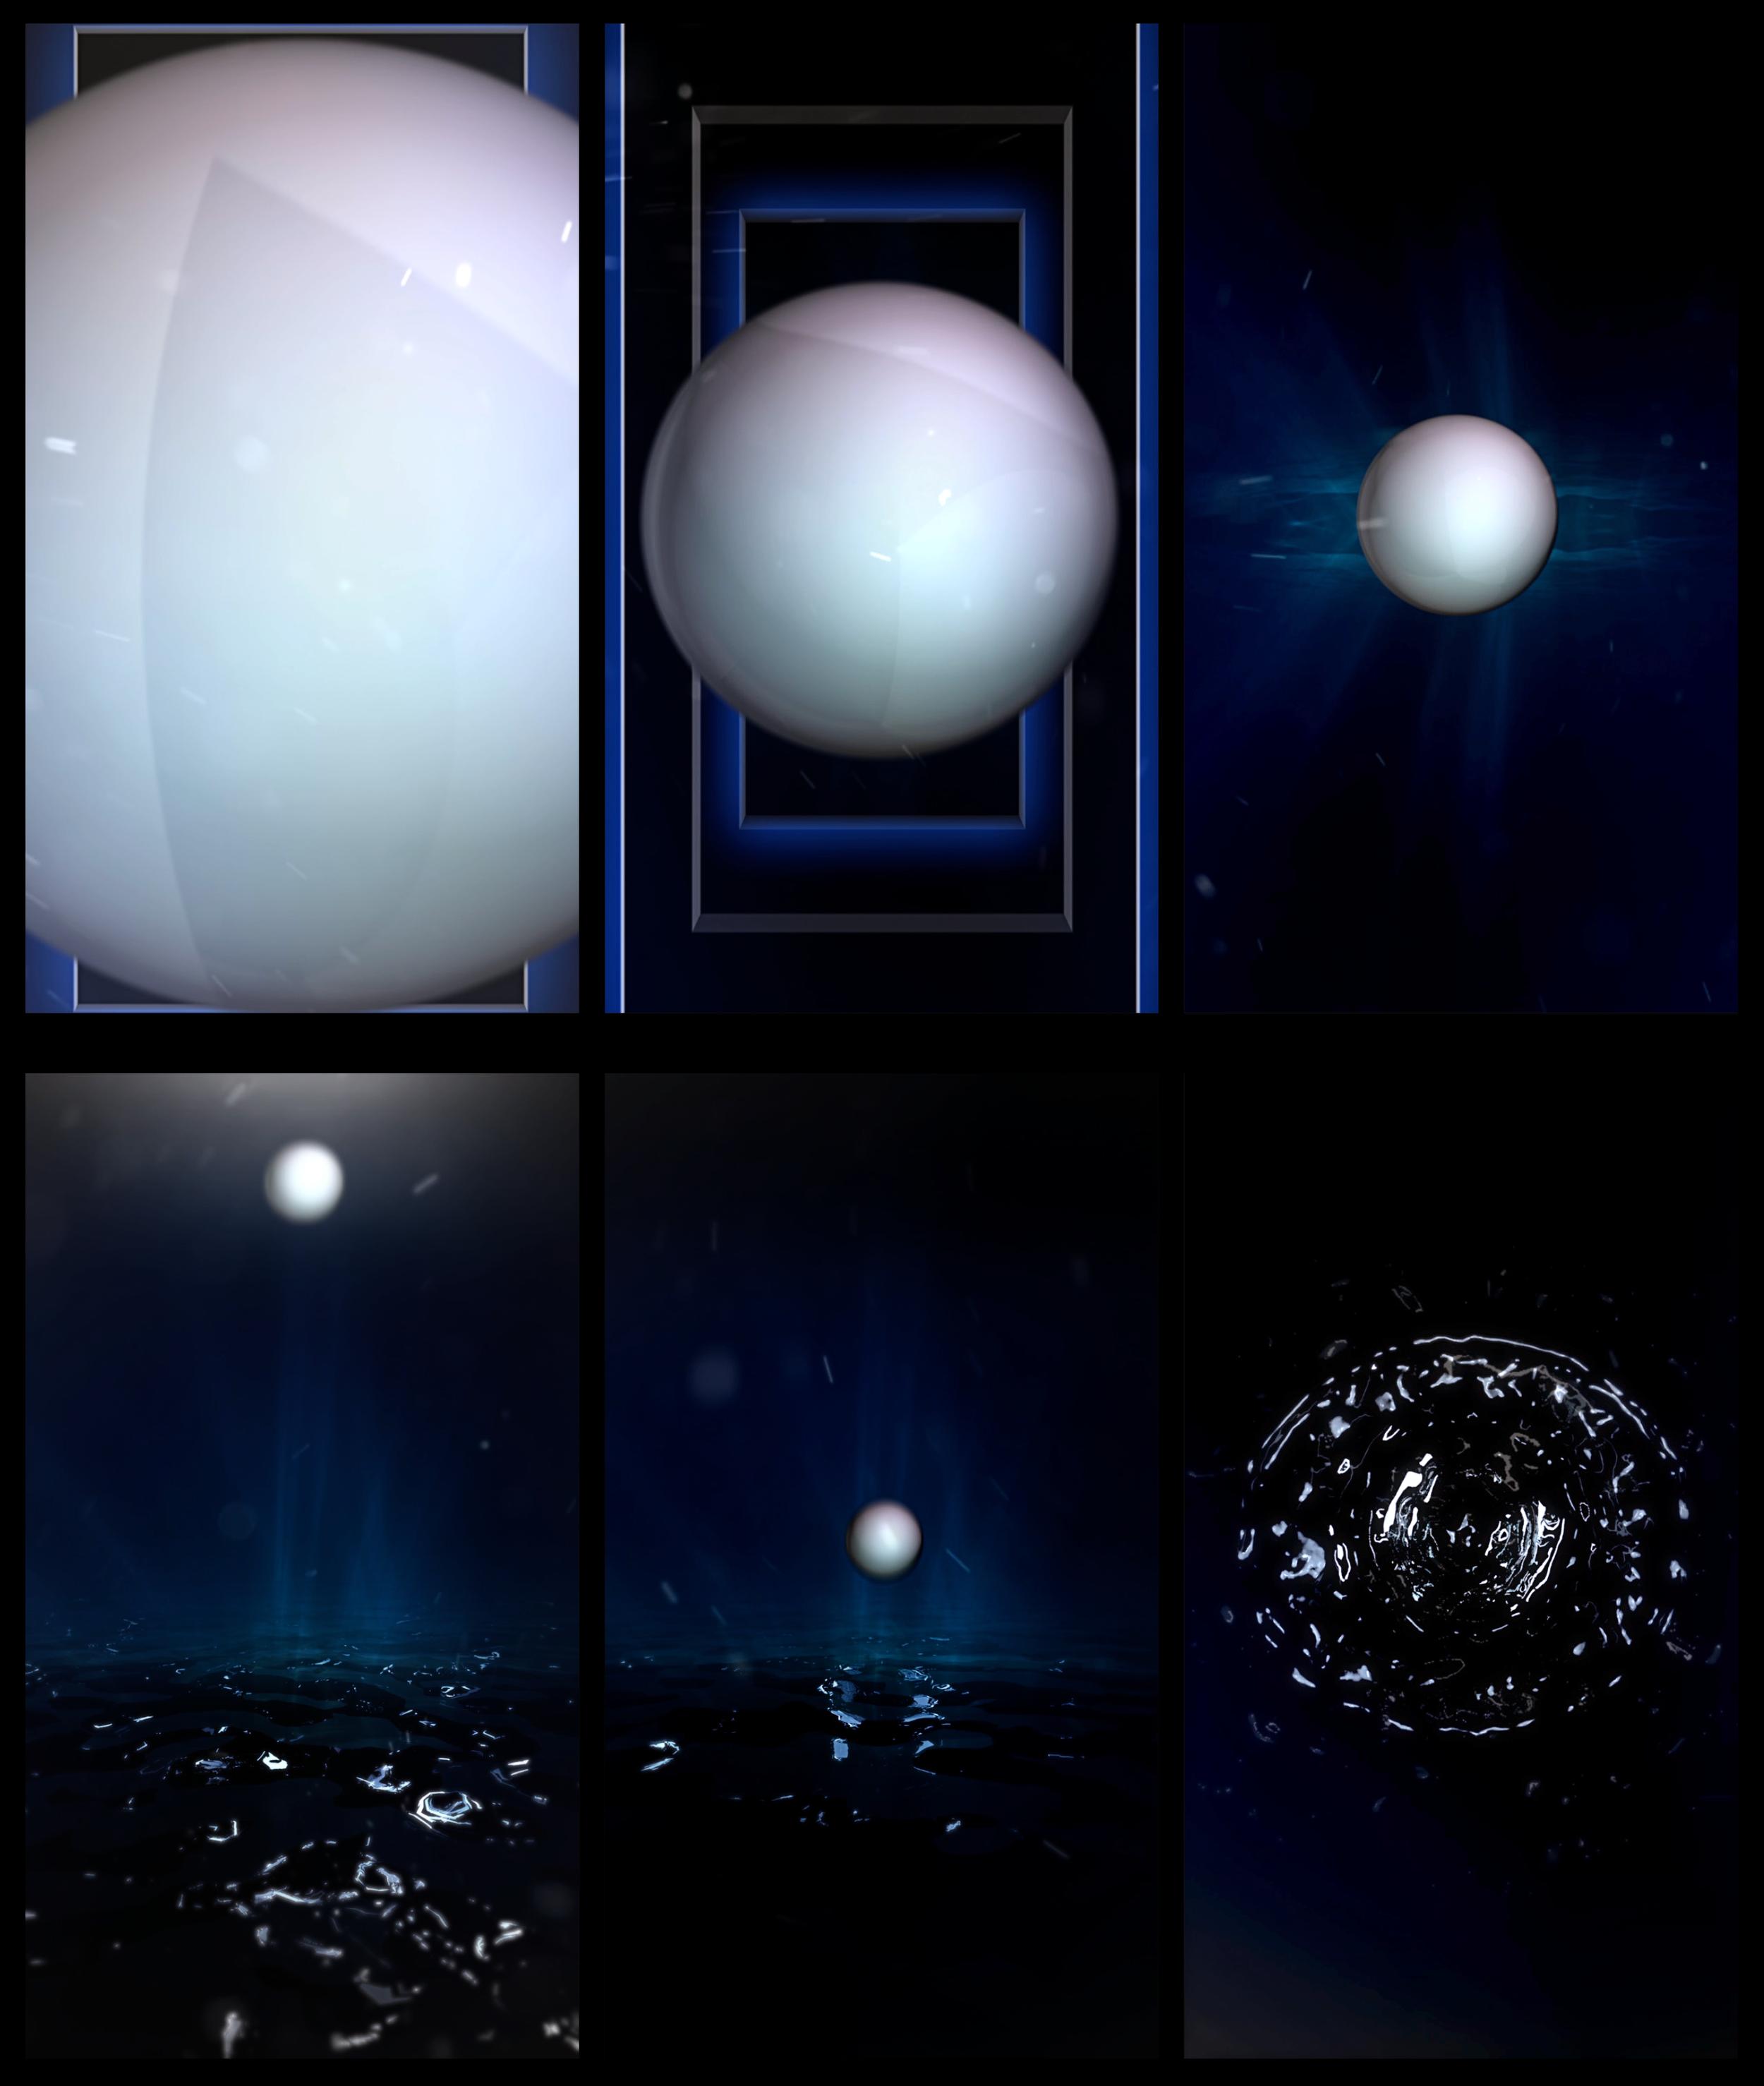 mikimoto_10sec_screens_sq_format_bk.png